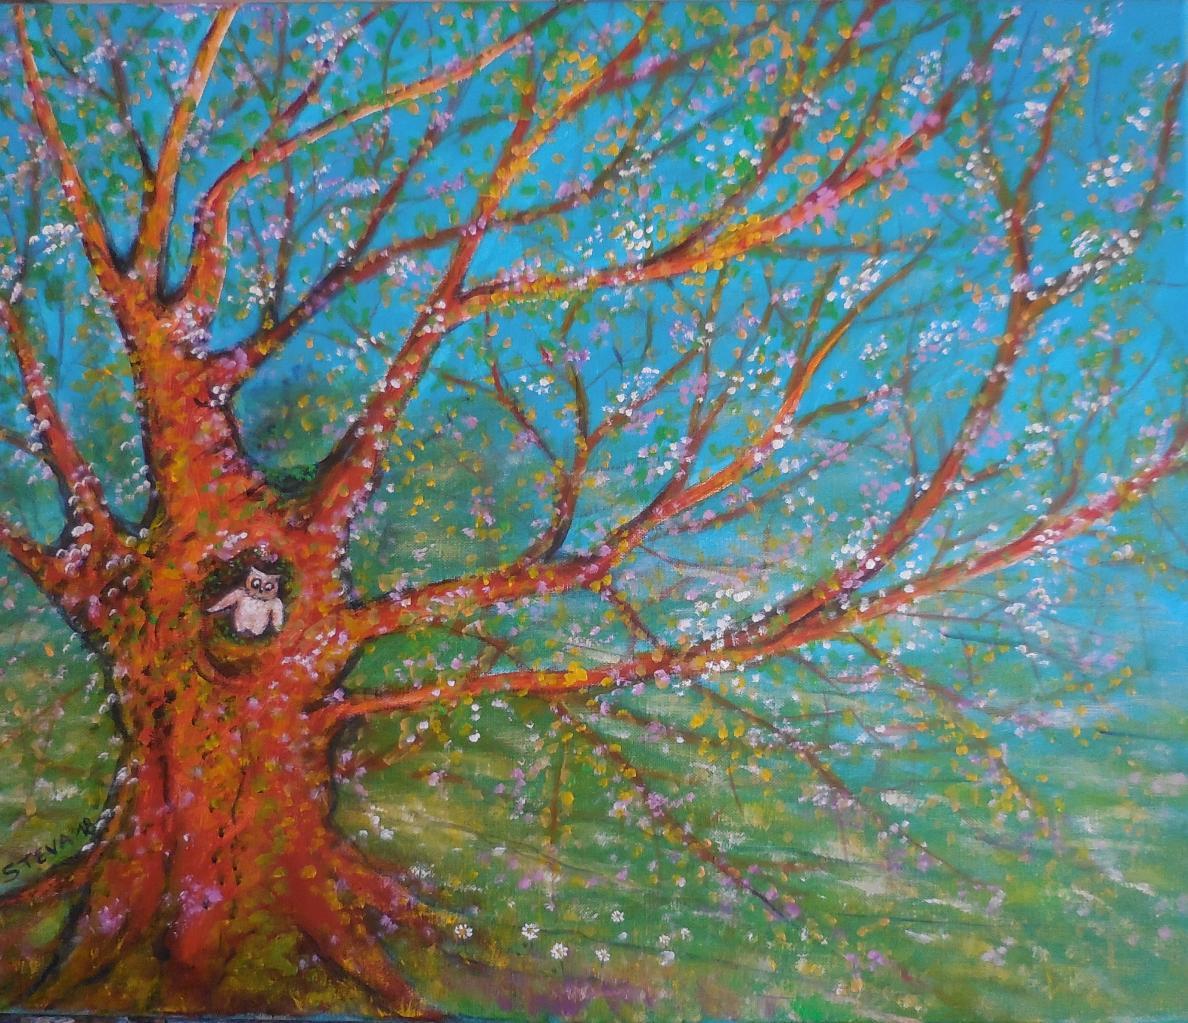 La petite chouette qui attend le printemps, acrylique/toile 55x46 cm CP